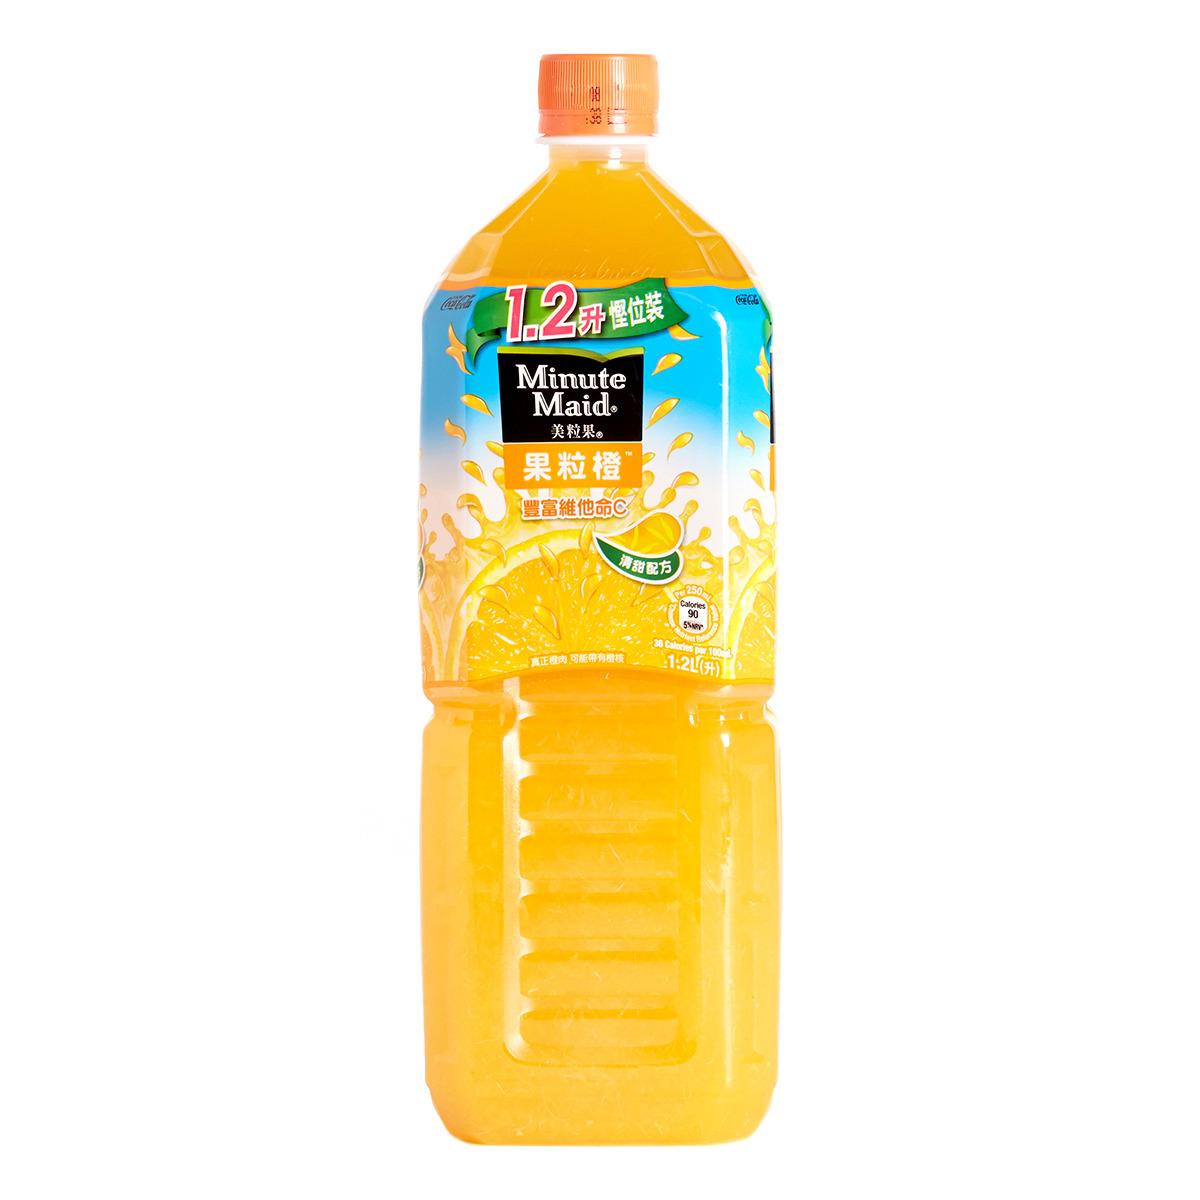 膠樽裝橙汁飲品